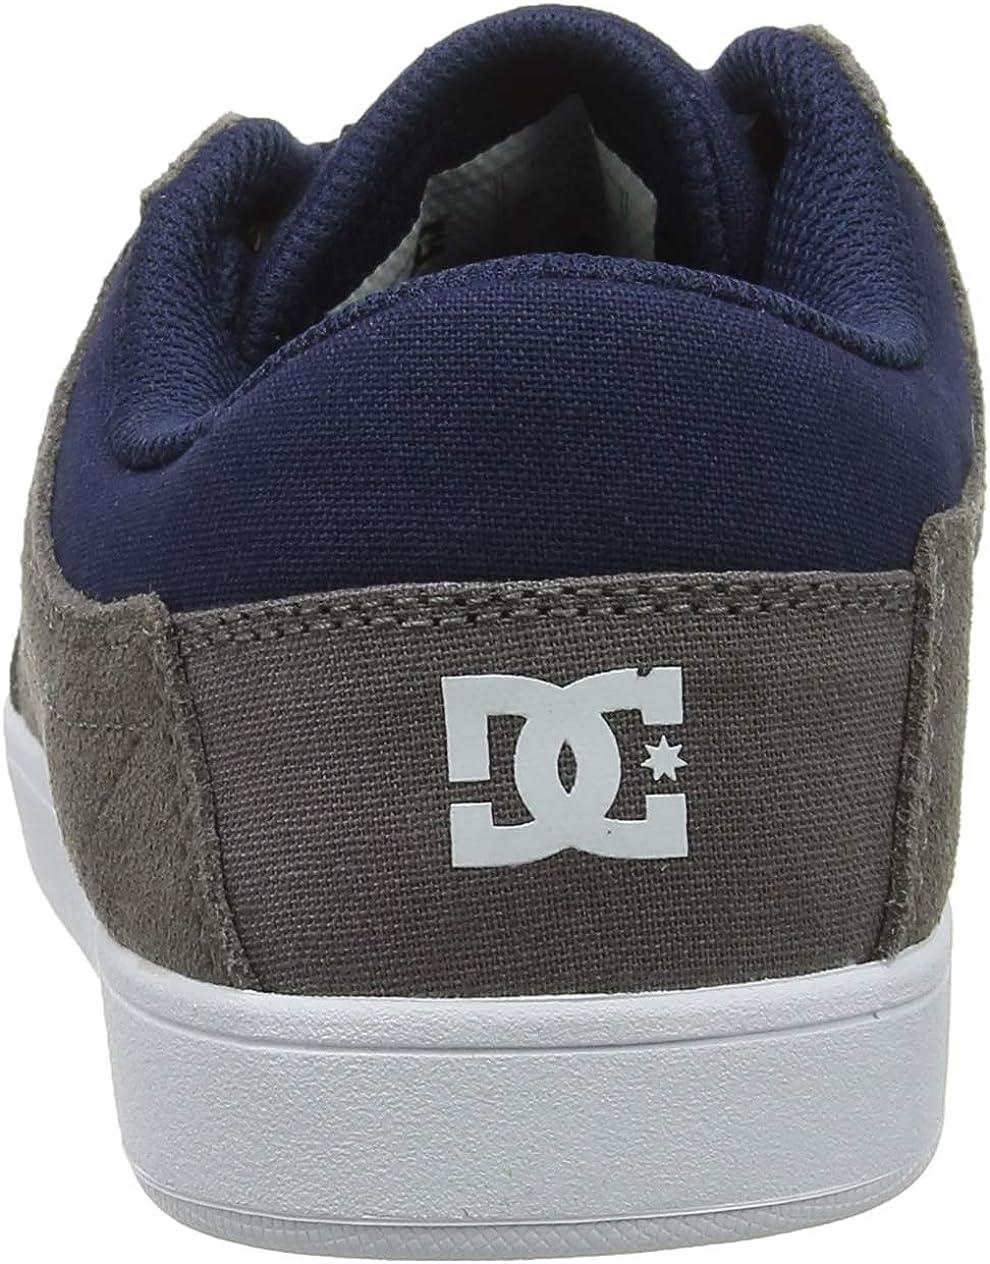 DC Shoes Crisis-Shoes For Boys Zapatillas de Skateboard Ni/ños